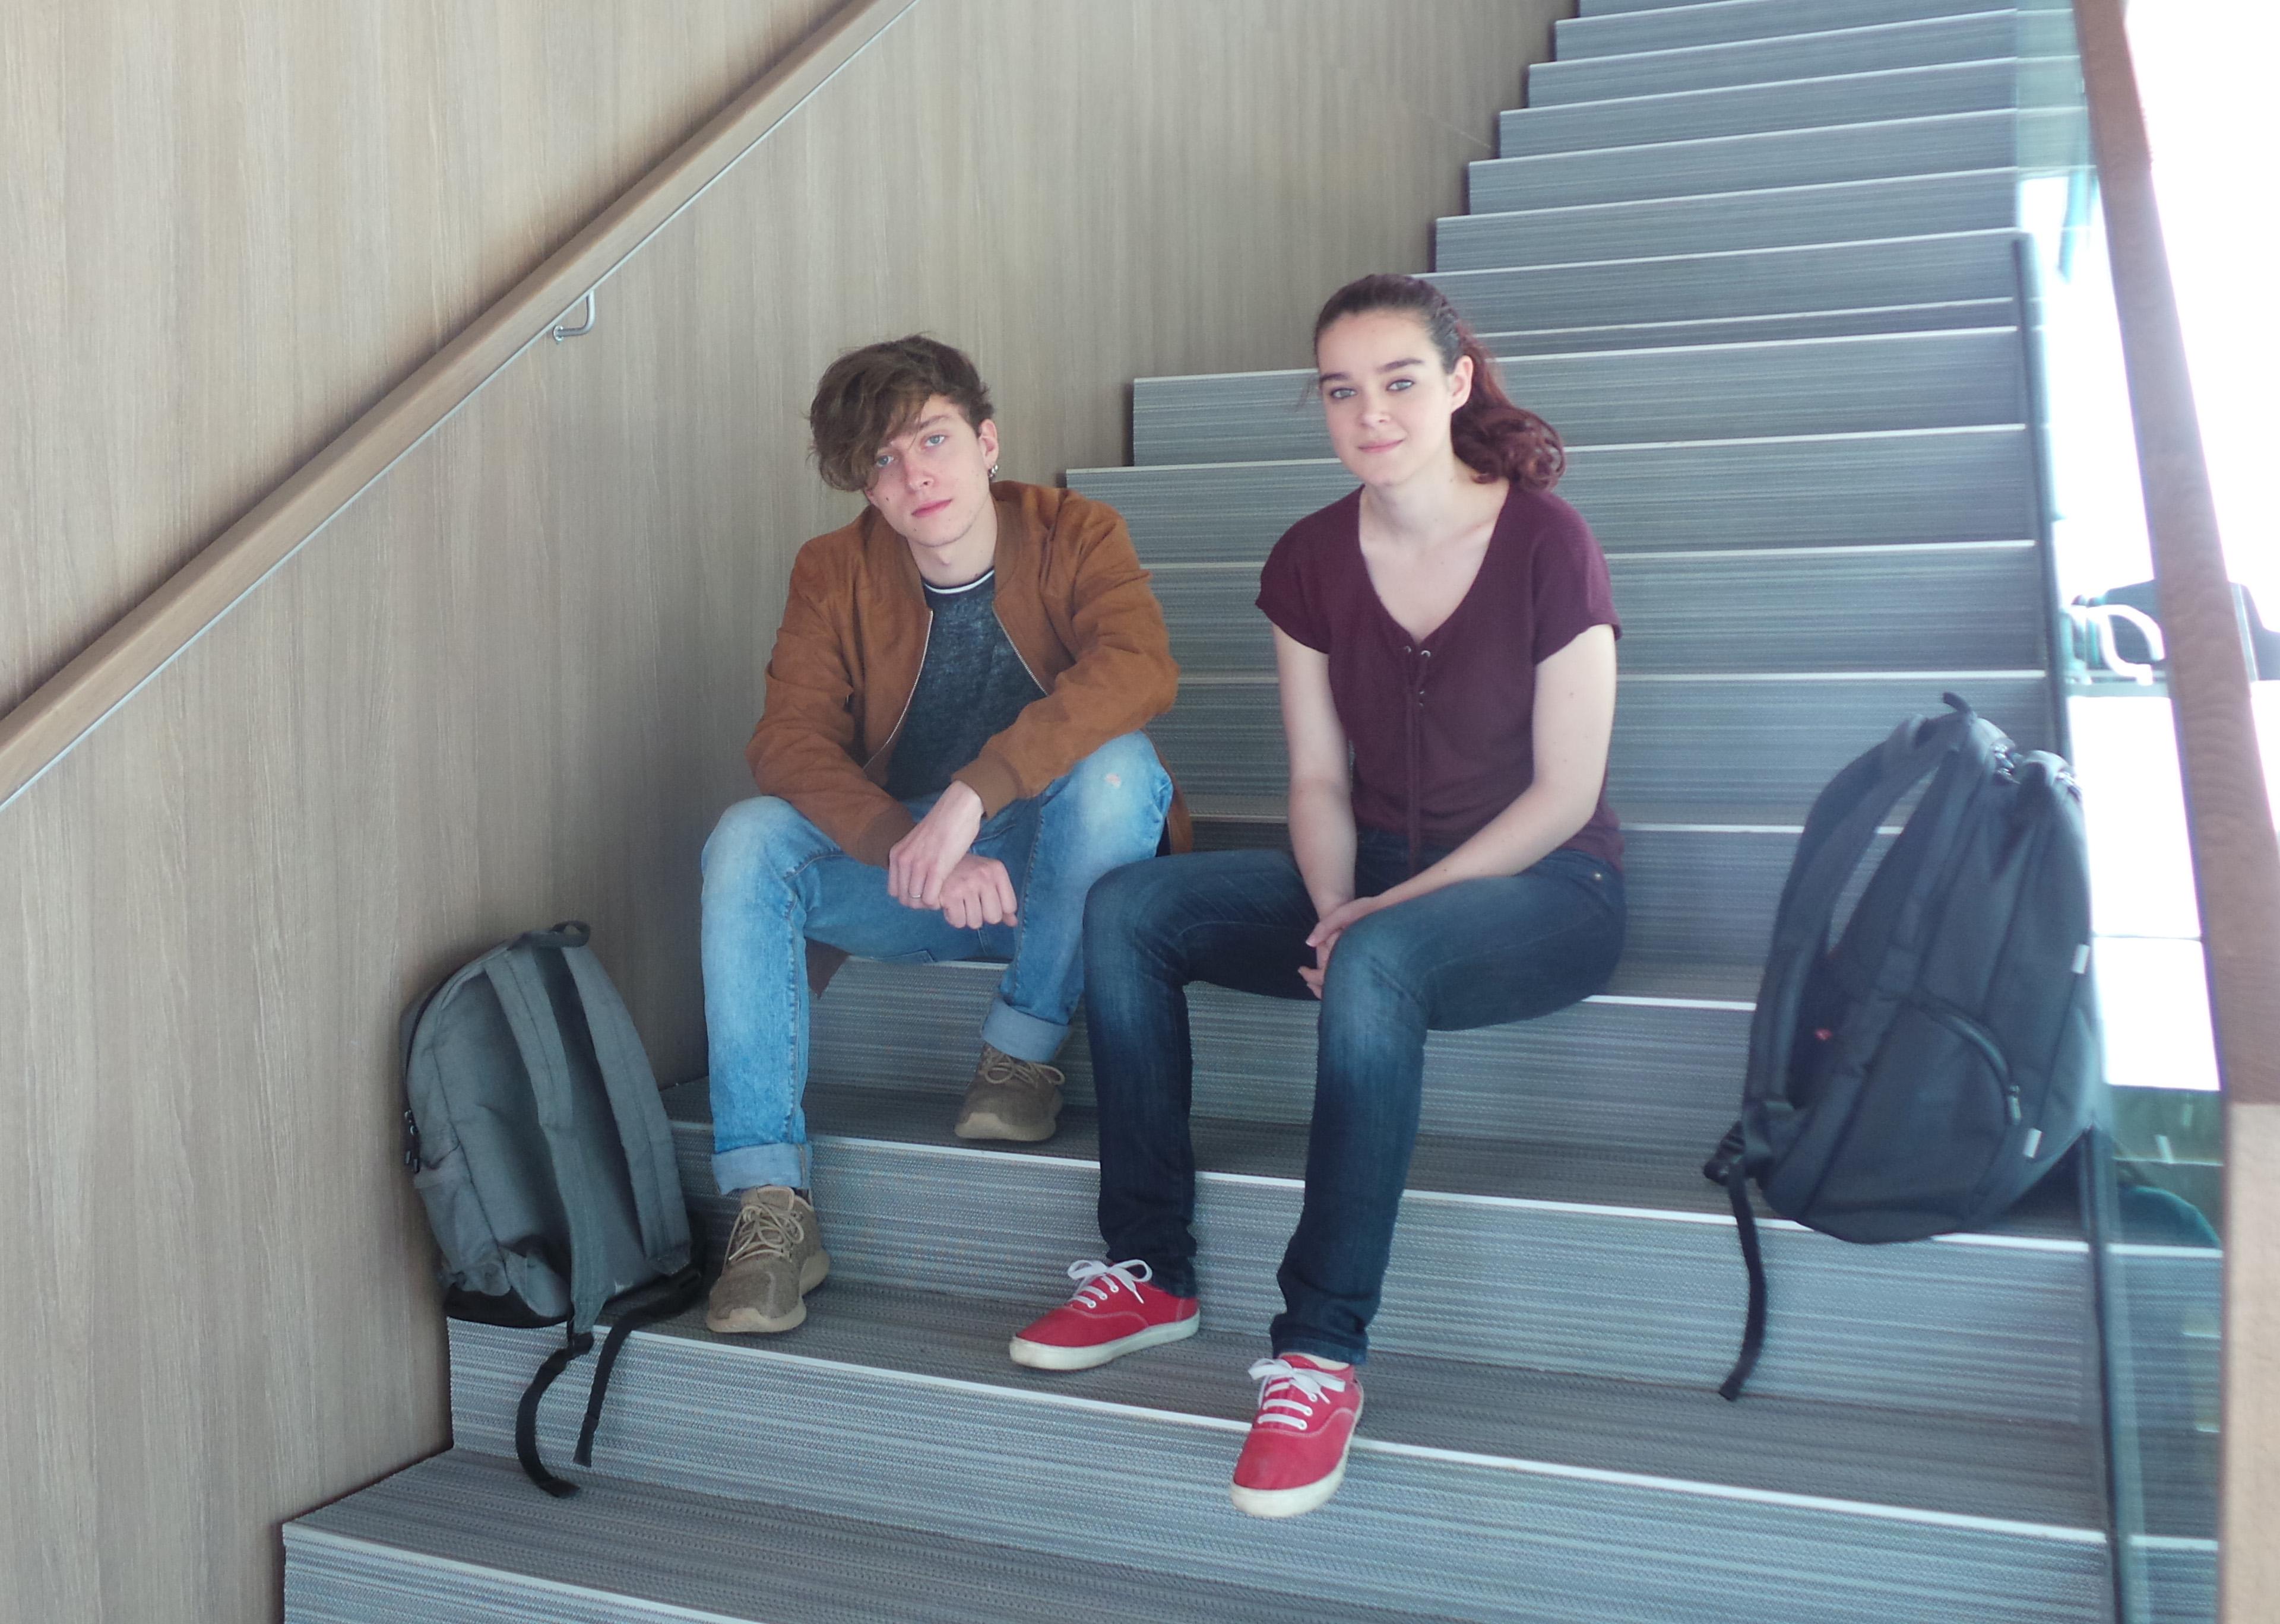 Javier Fajarnés y Mar Zamorano, beneficiarios de la Beca a la Excelencia, en las escaleras del hall del Edificio Estudiantes